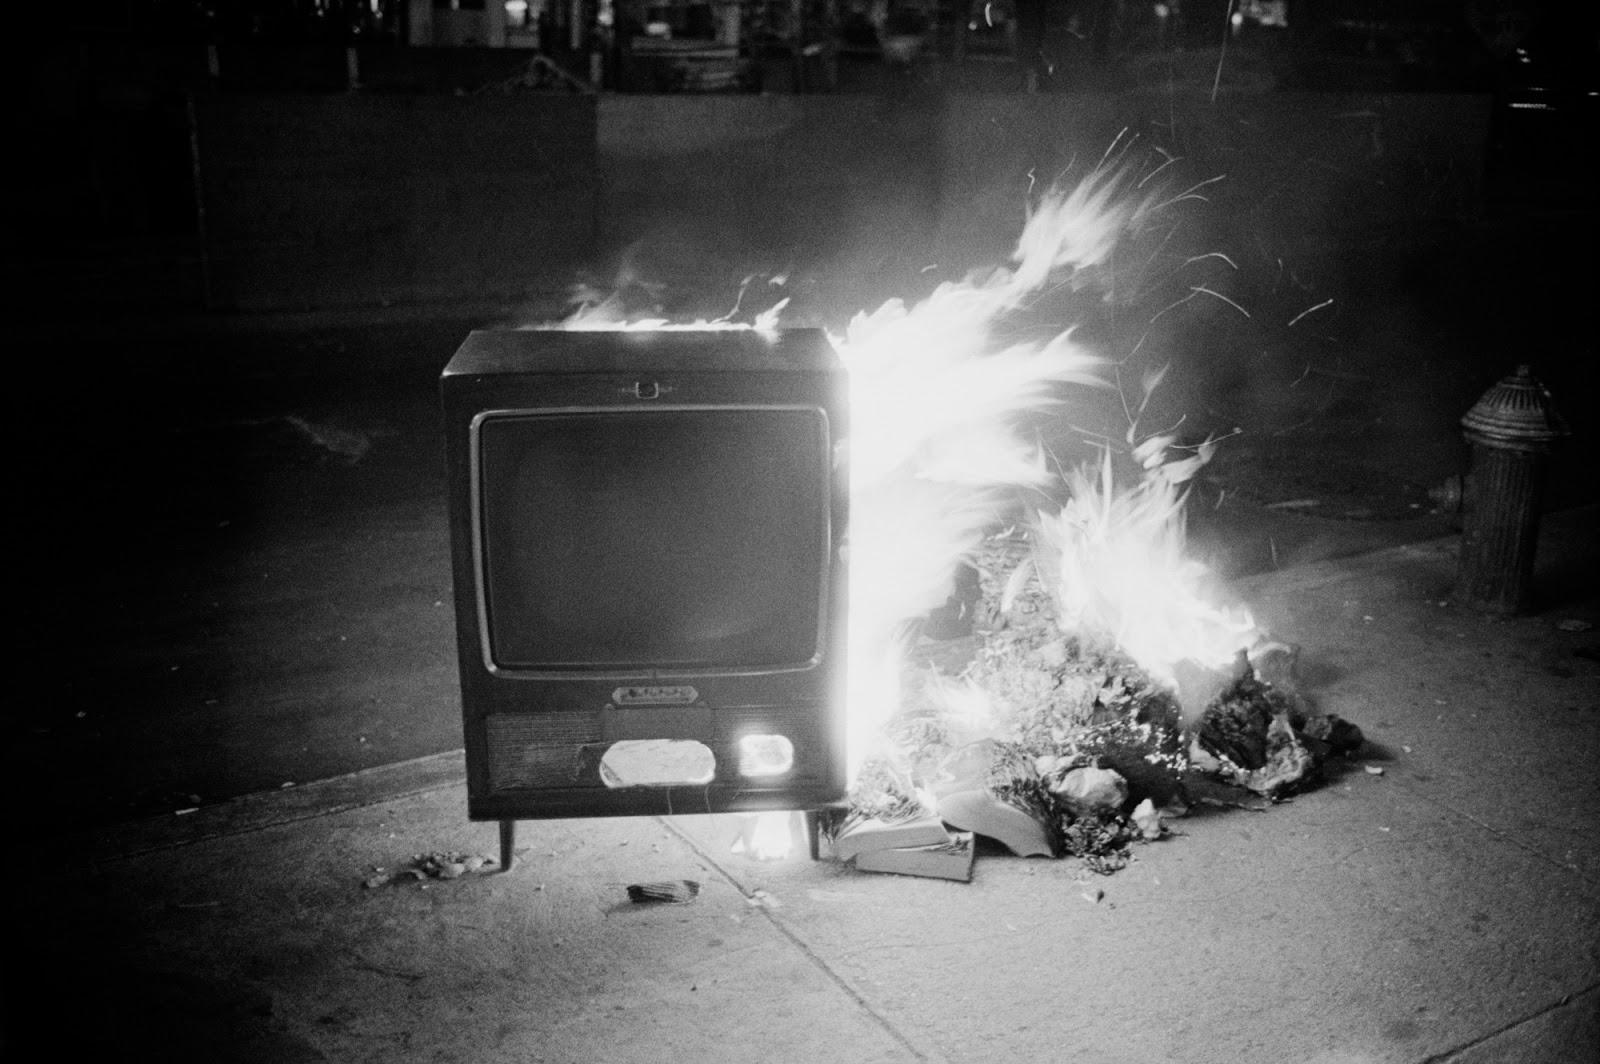 Бомжи, проповедники и проститутки: улицы Нью-Йорка 70-х